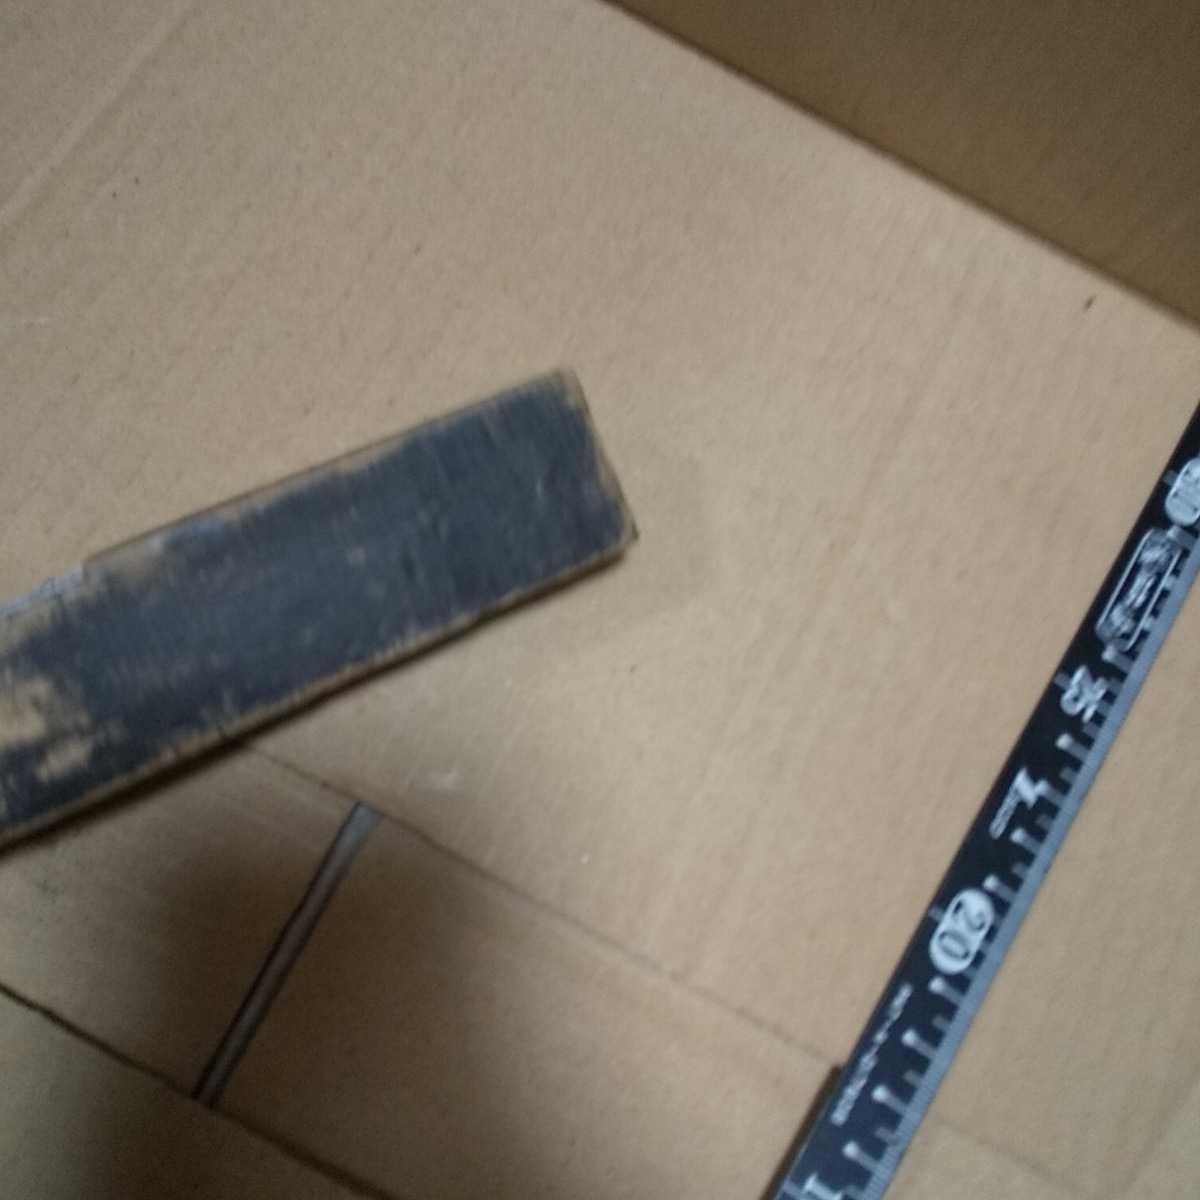 大工道具 アンティーク 水平器 ジャンク 昭和 レトロ 古い コレクション 古道具 送料無料_画像6